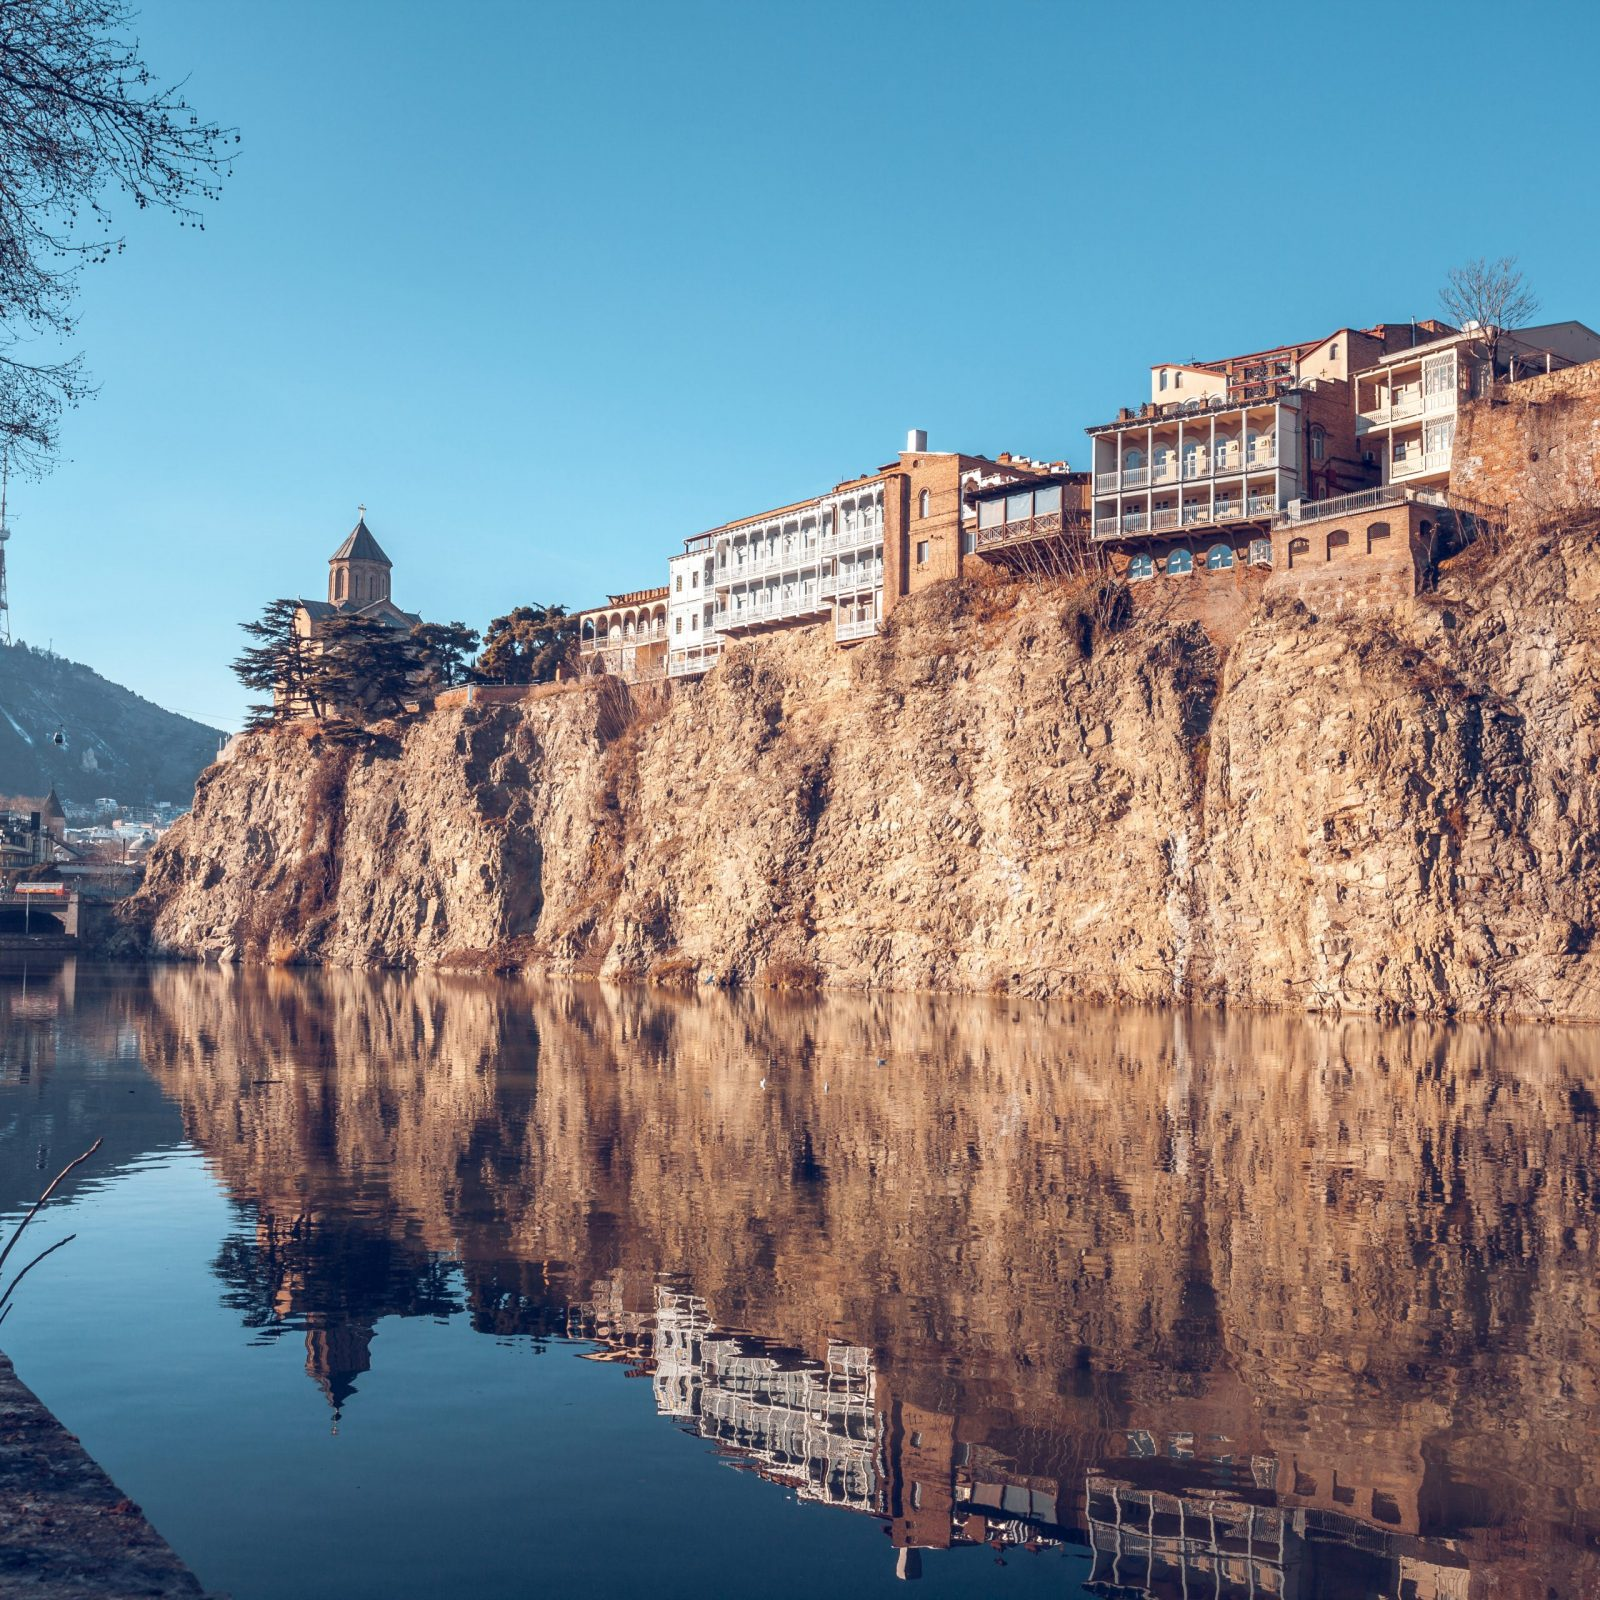 День 2: Экскурсия по Тбилиси